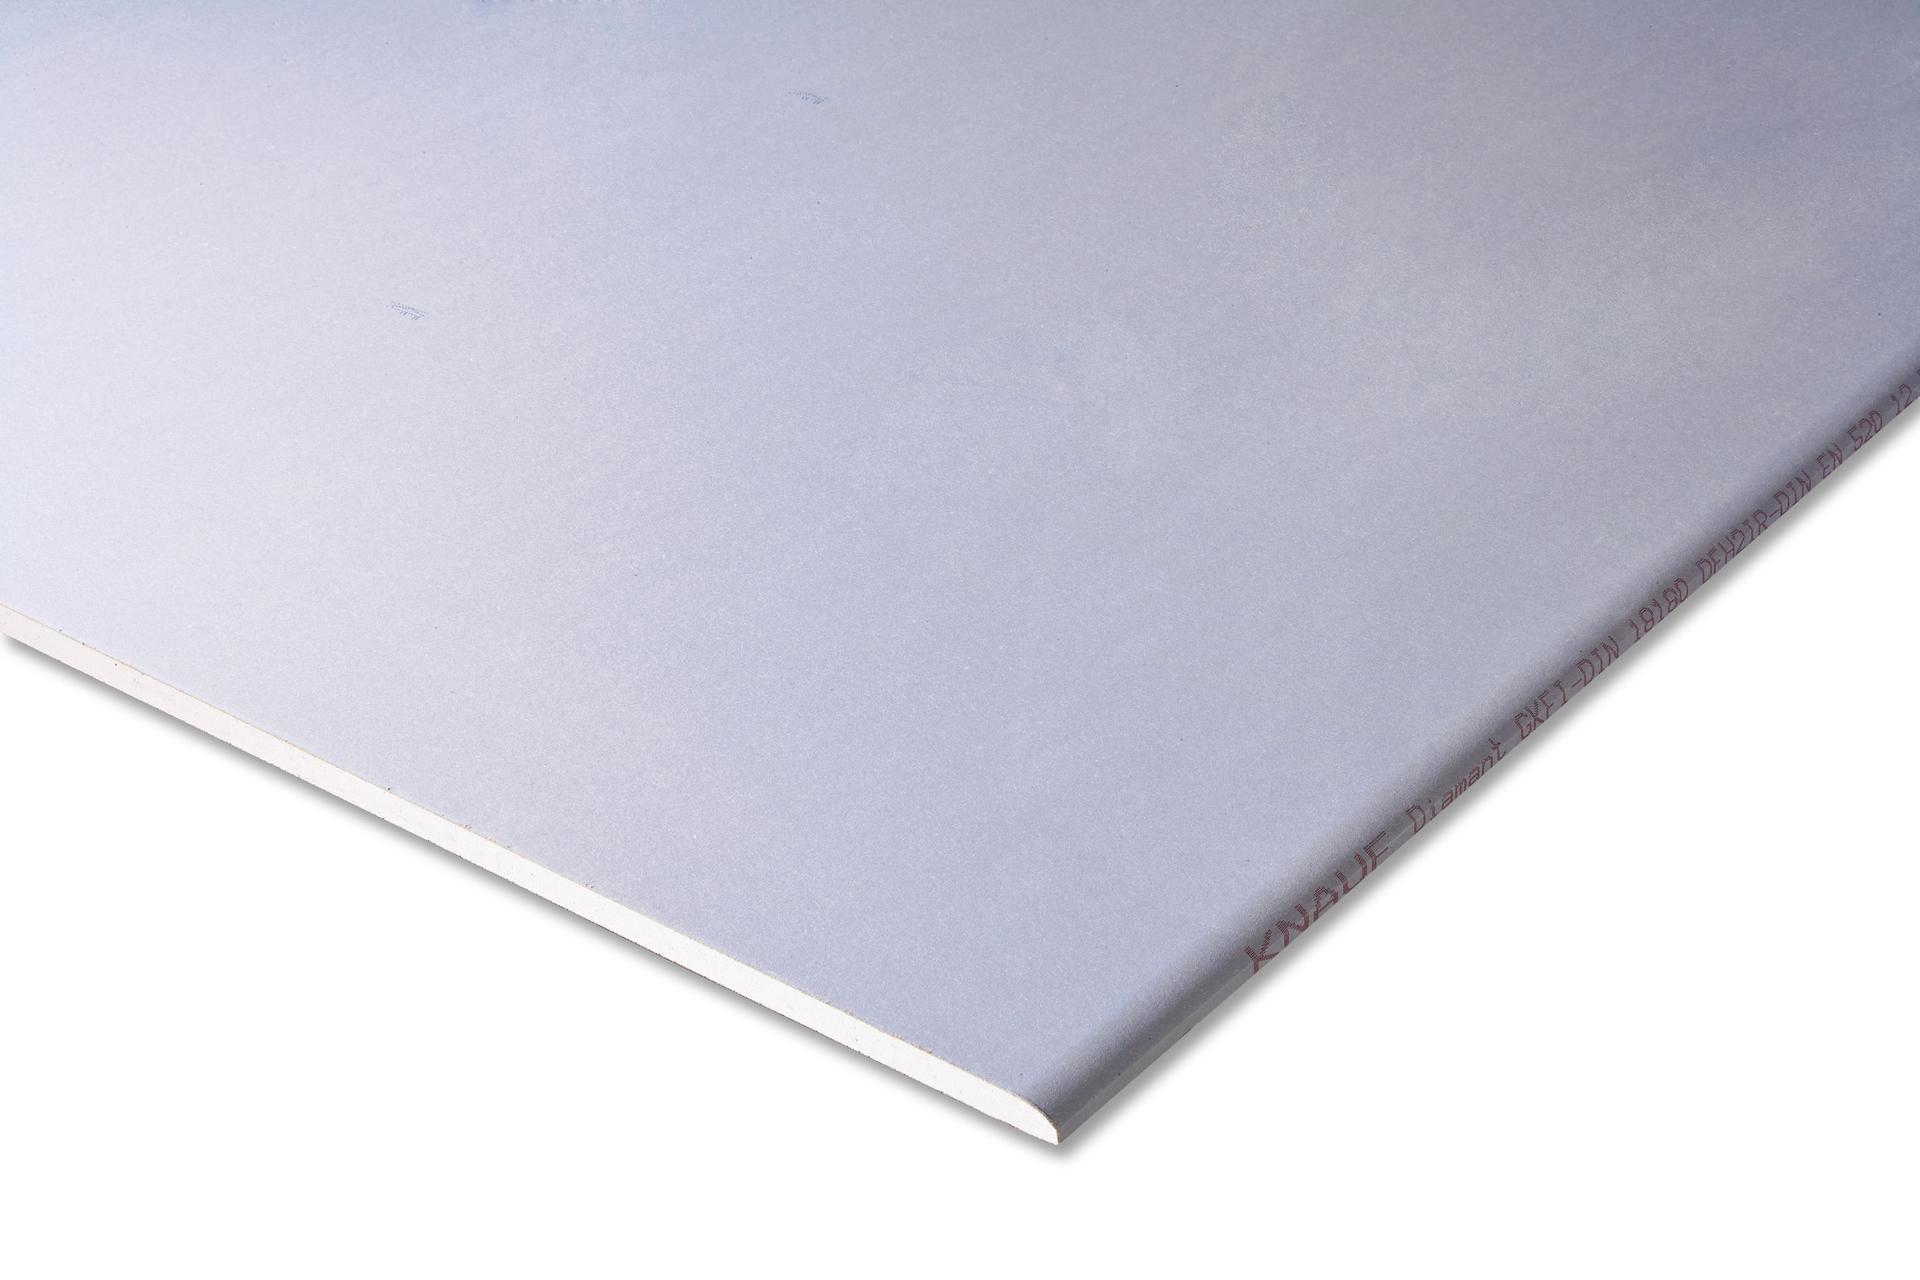 knauf diamant hartgipsplatte 2500x1250x12,5 mm, glasfaserverstärkter